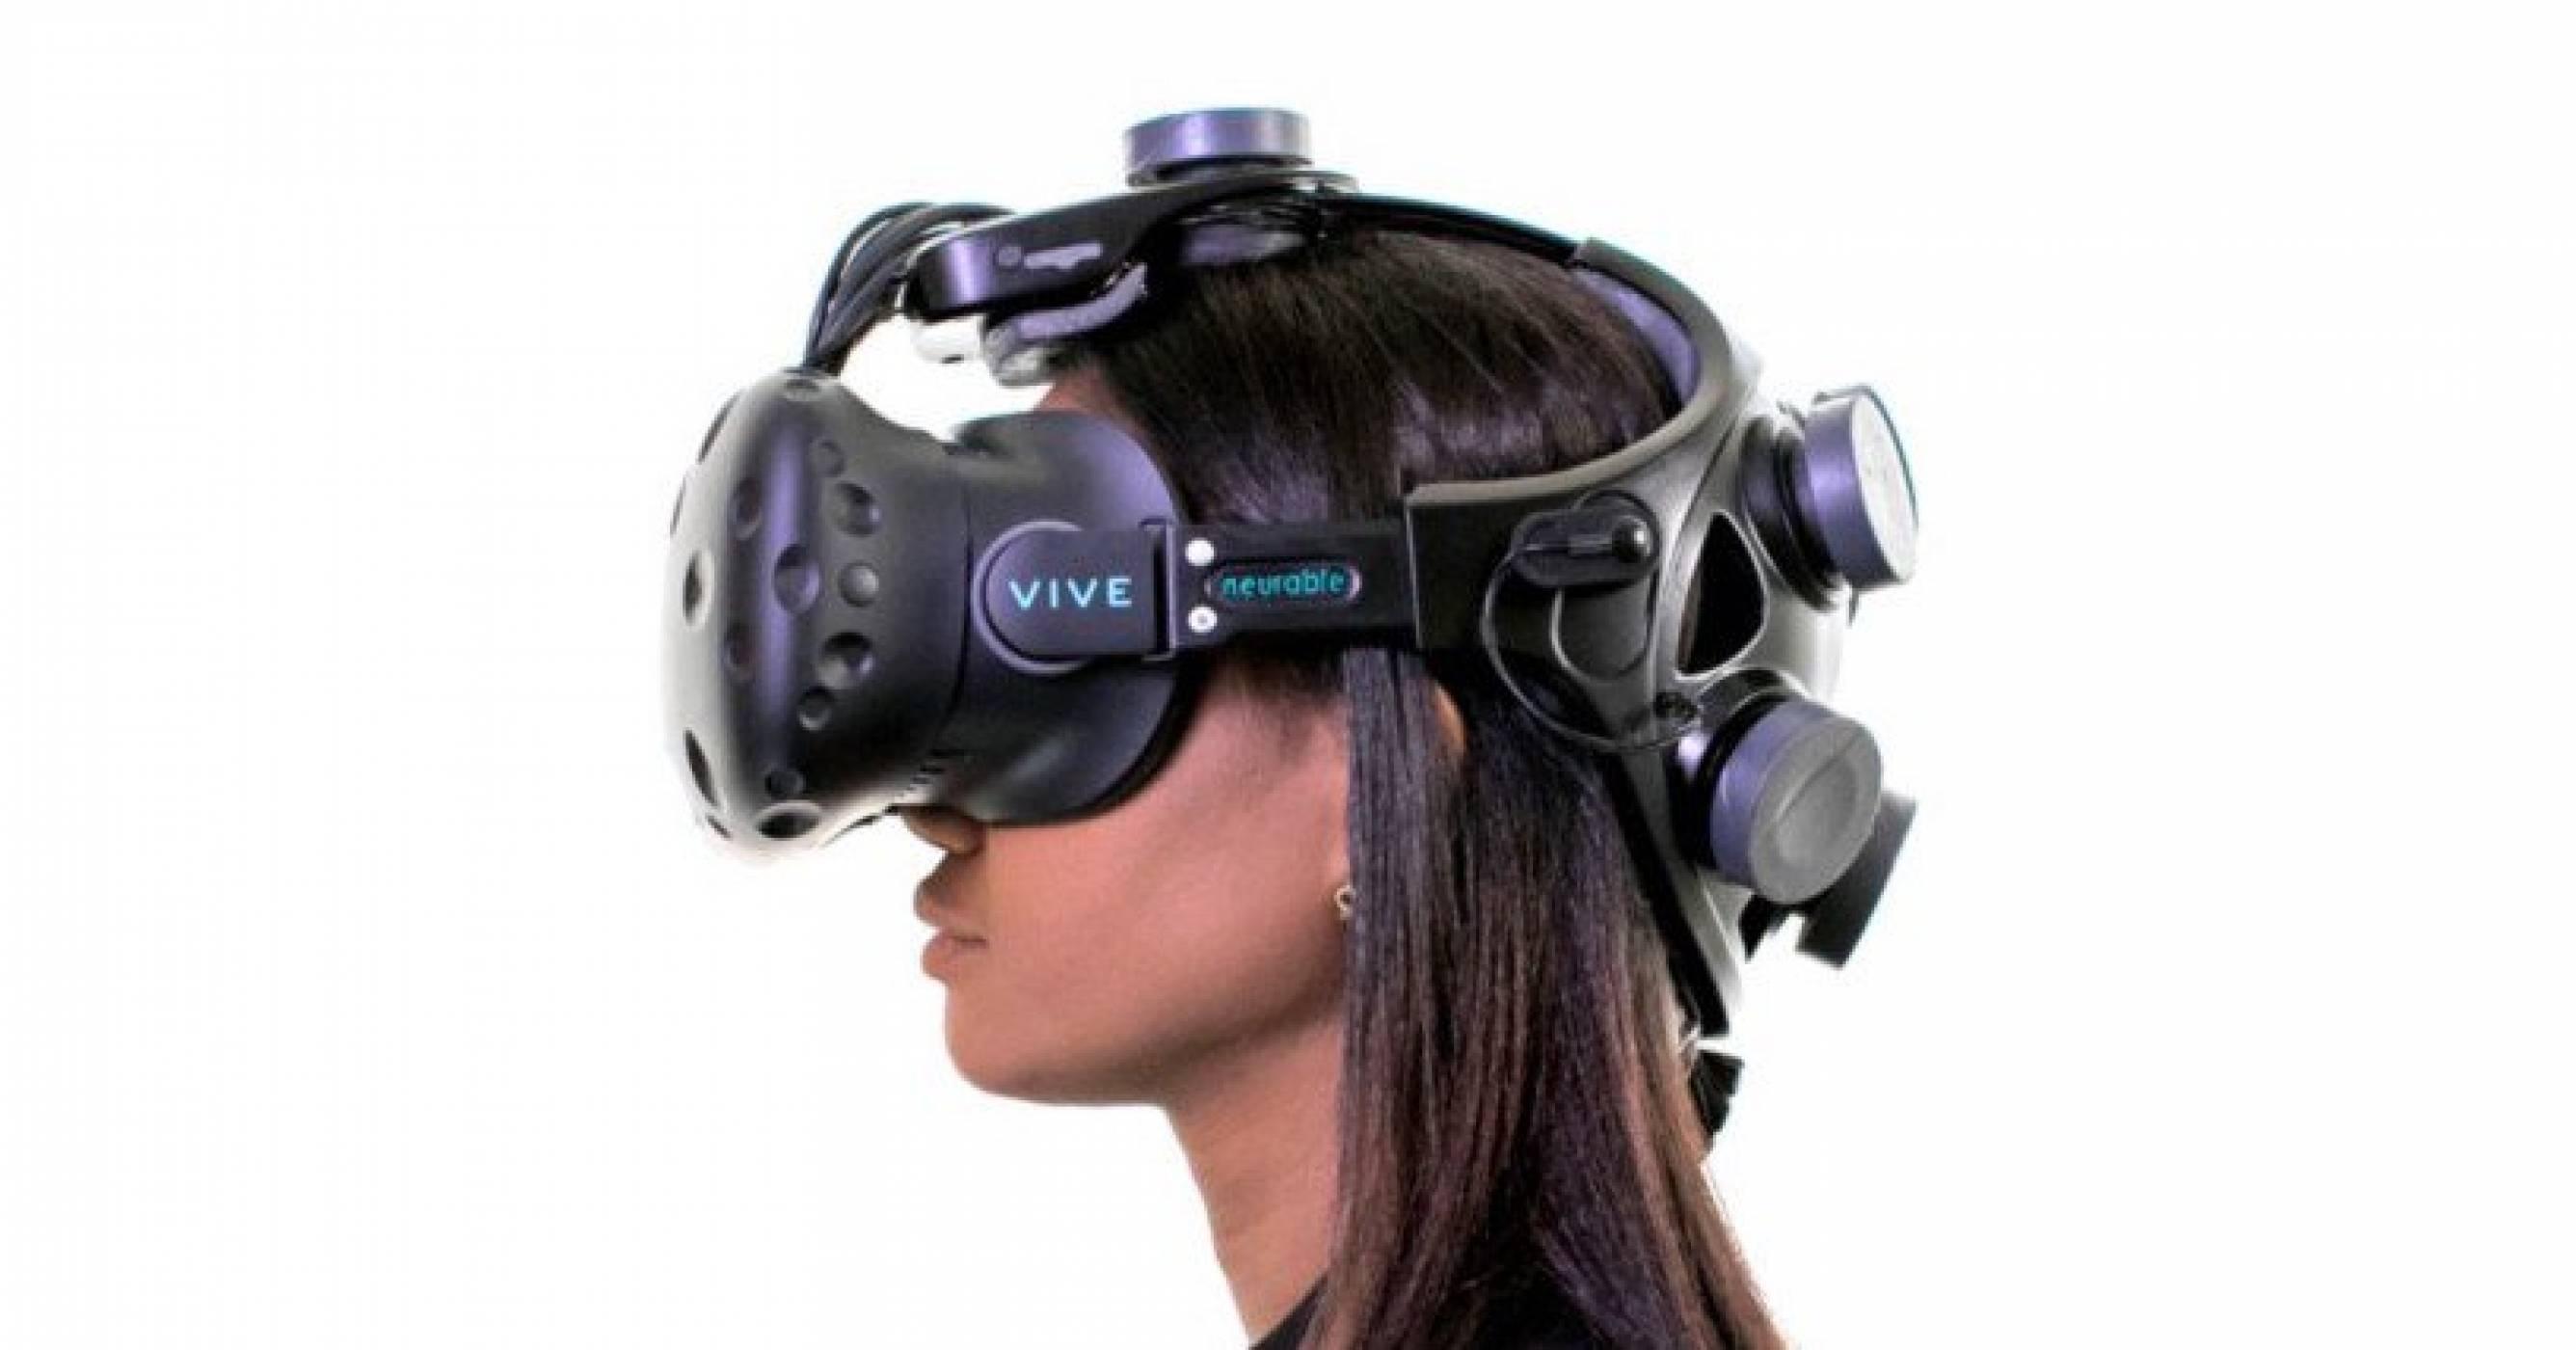 Първата VR игра, контролирана с мисъл, е вече тук